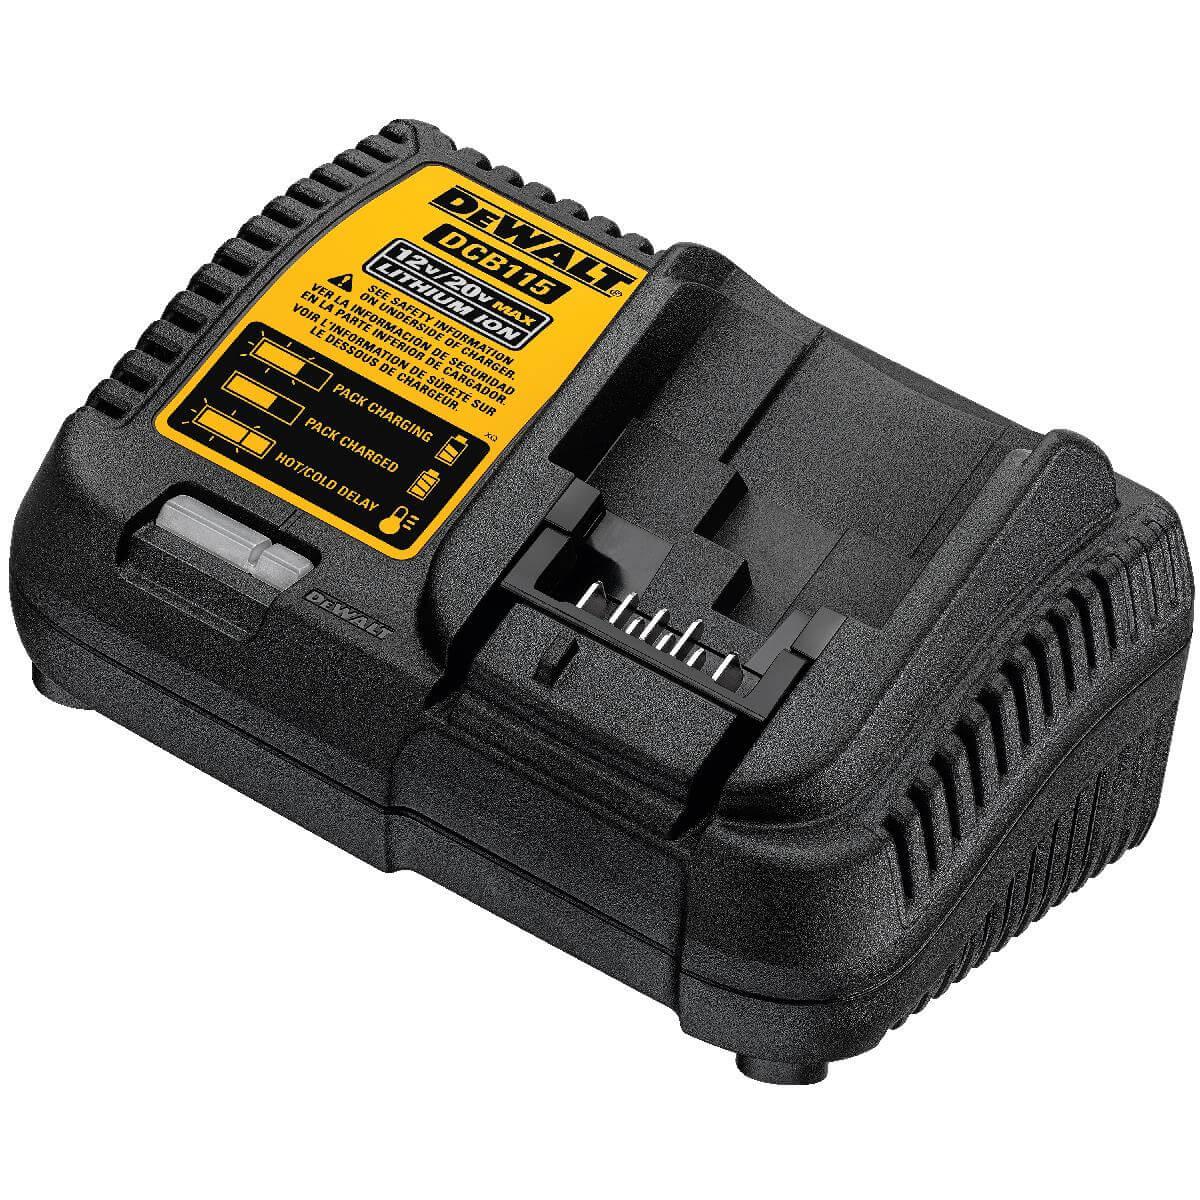 DEWALT Battery Charger 20V - DCB115